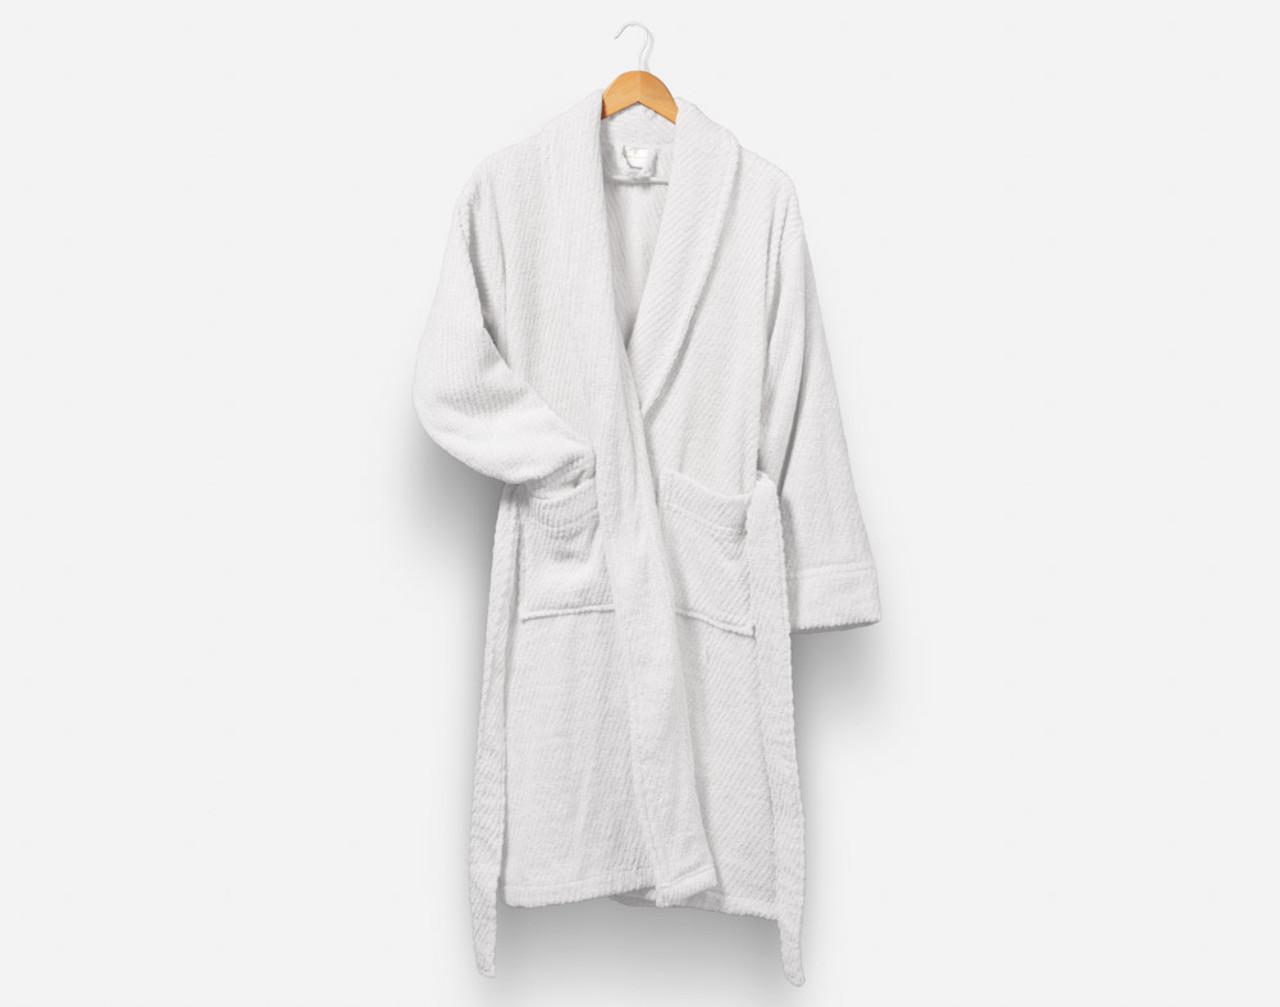 Cotton Bathrobe in White.